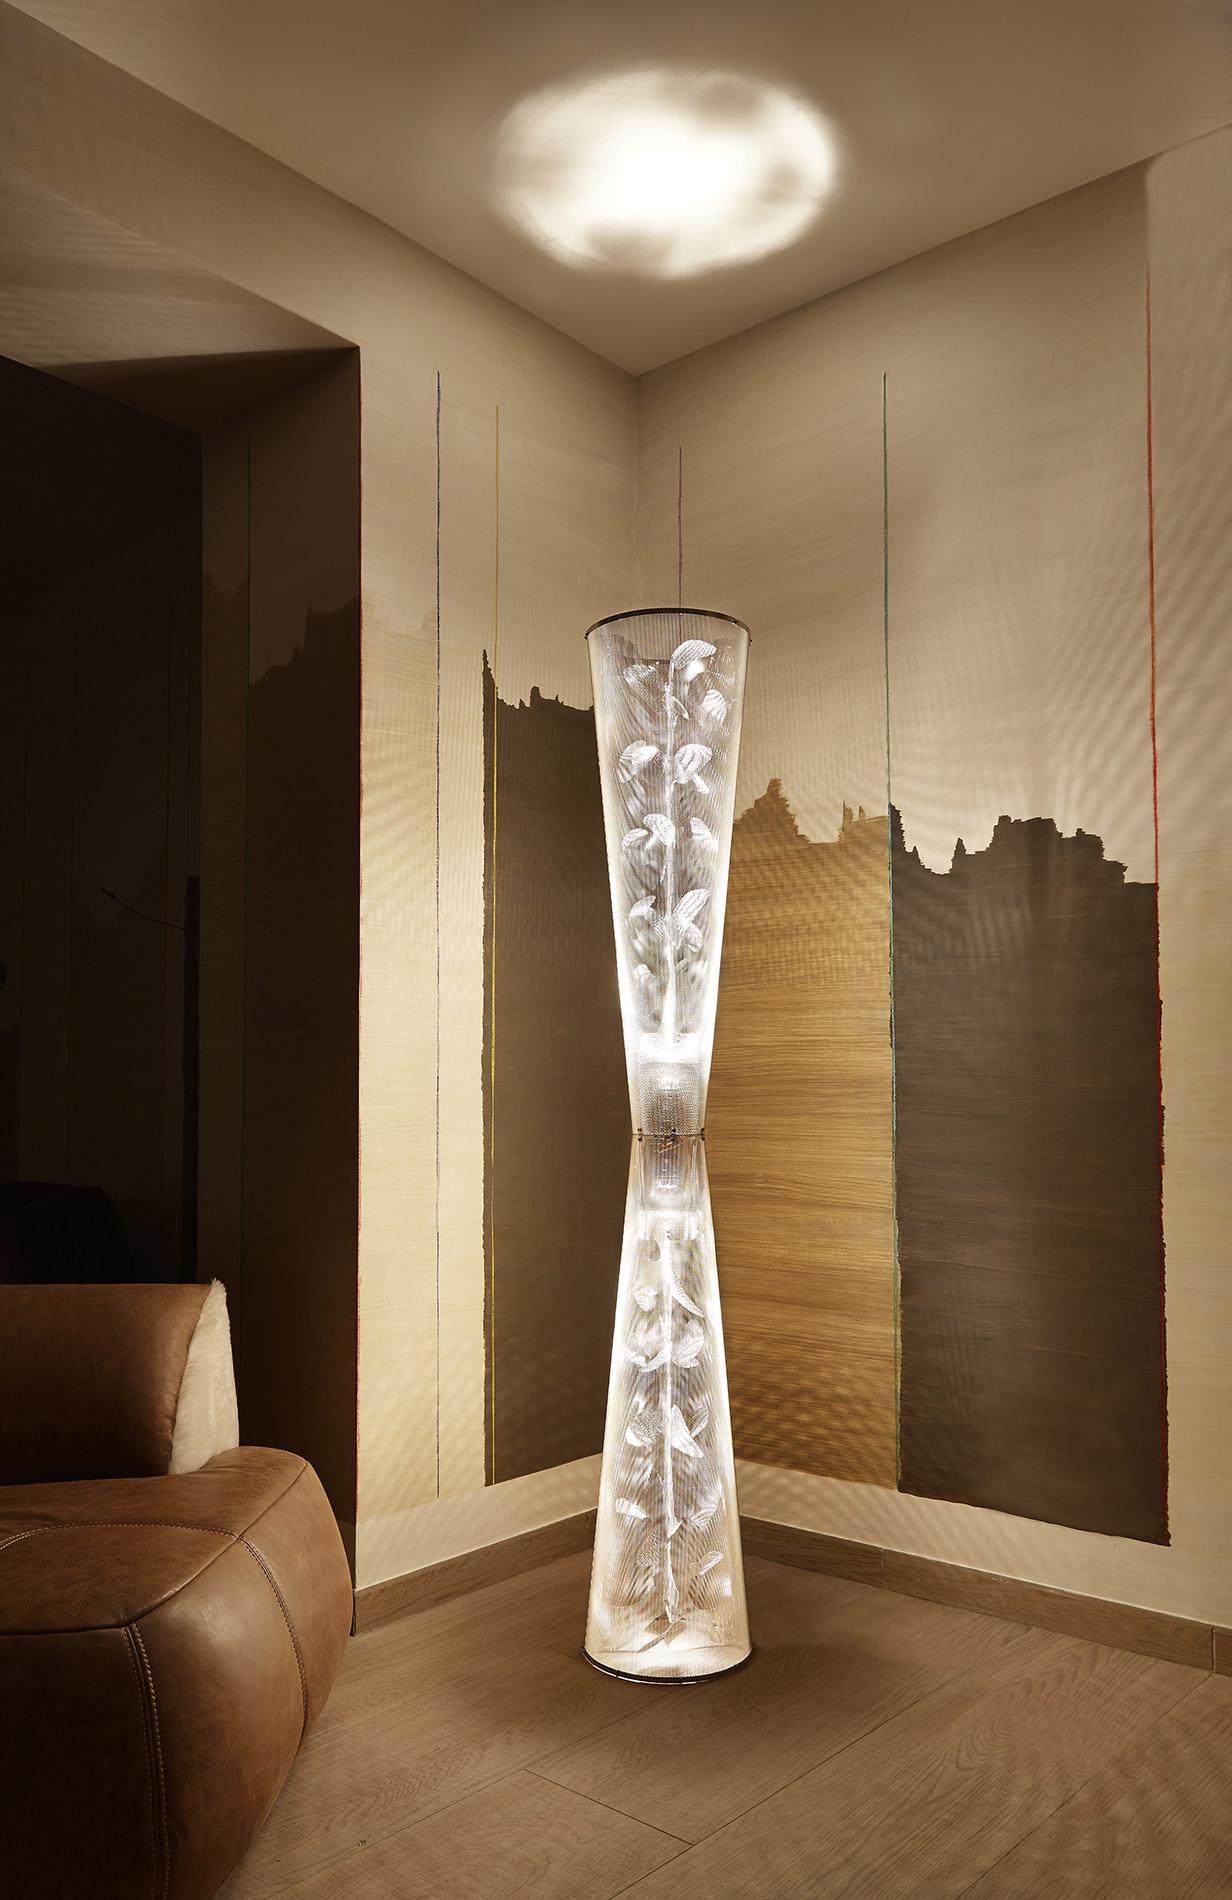 Luminaire Colonne de Lumière Florale intérieur Thierry Vidé Design